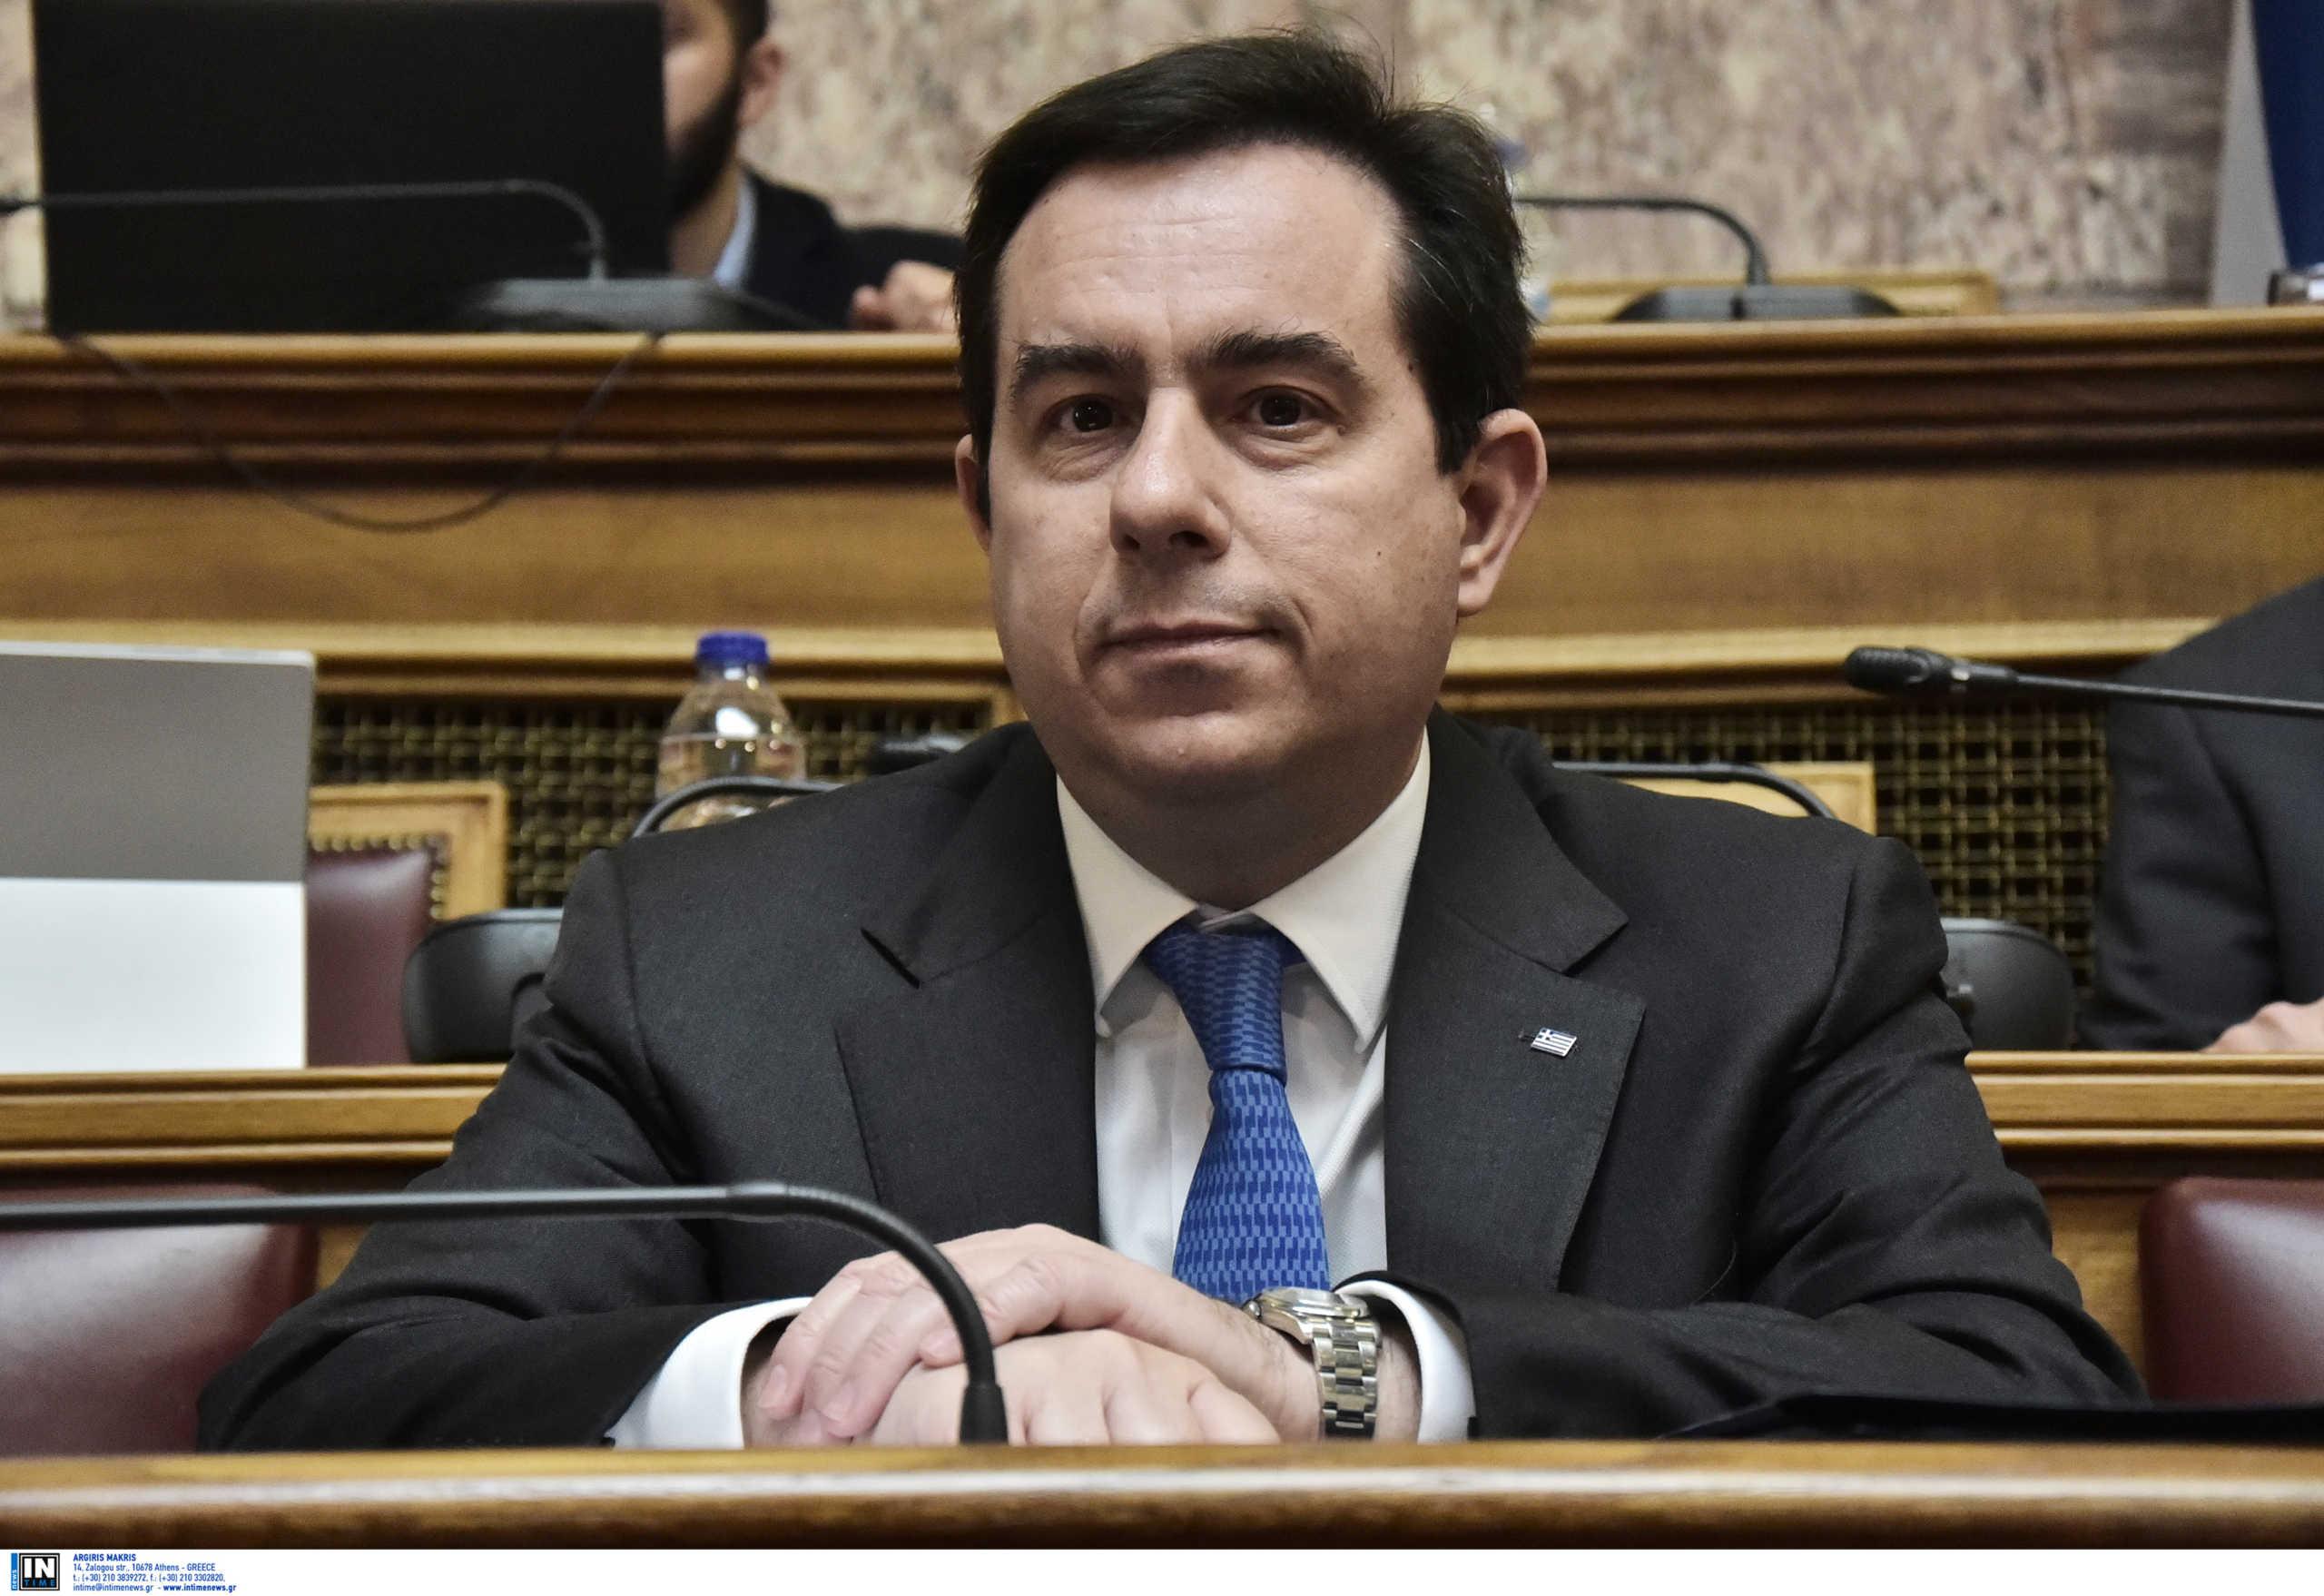 Μηταράκης: Στόχος να κλείσουν τουλάχιστον 60 δομές στην ηπειρωτική Ελλάδα μέχρι τέλος του χρόνου